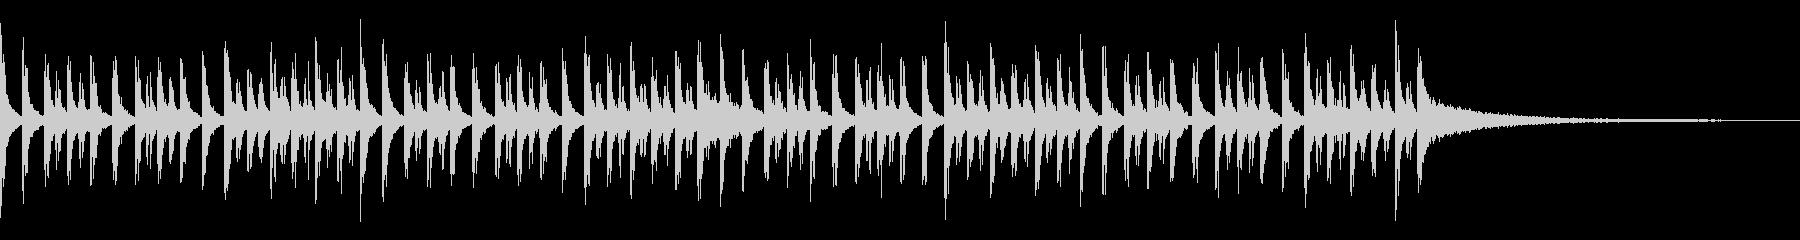 ブラスバンドスネアのジングルの未再生の波形